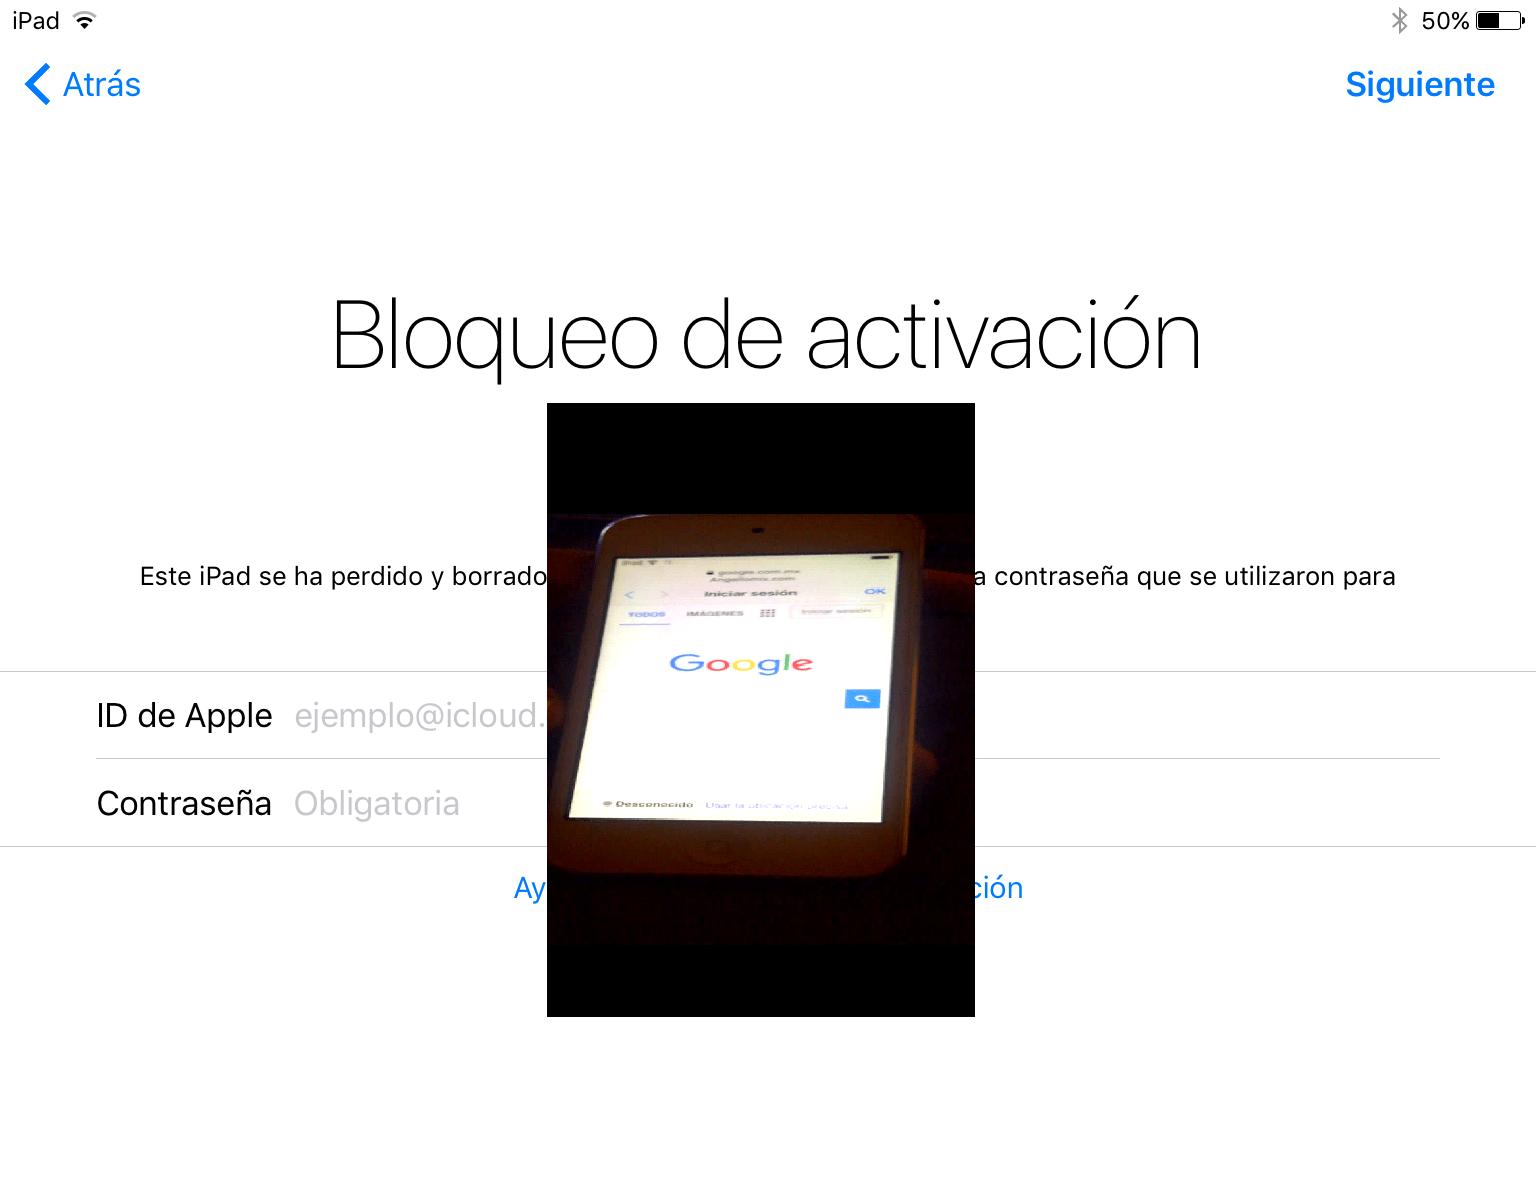 Saltar bloqueo de activación en una iPod touch(5th generation) by angellomix